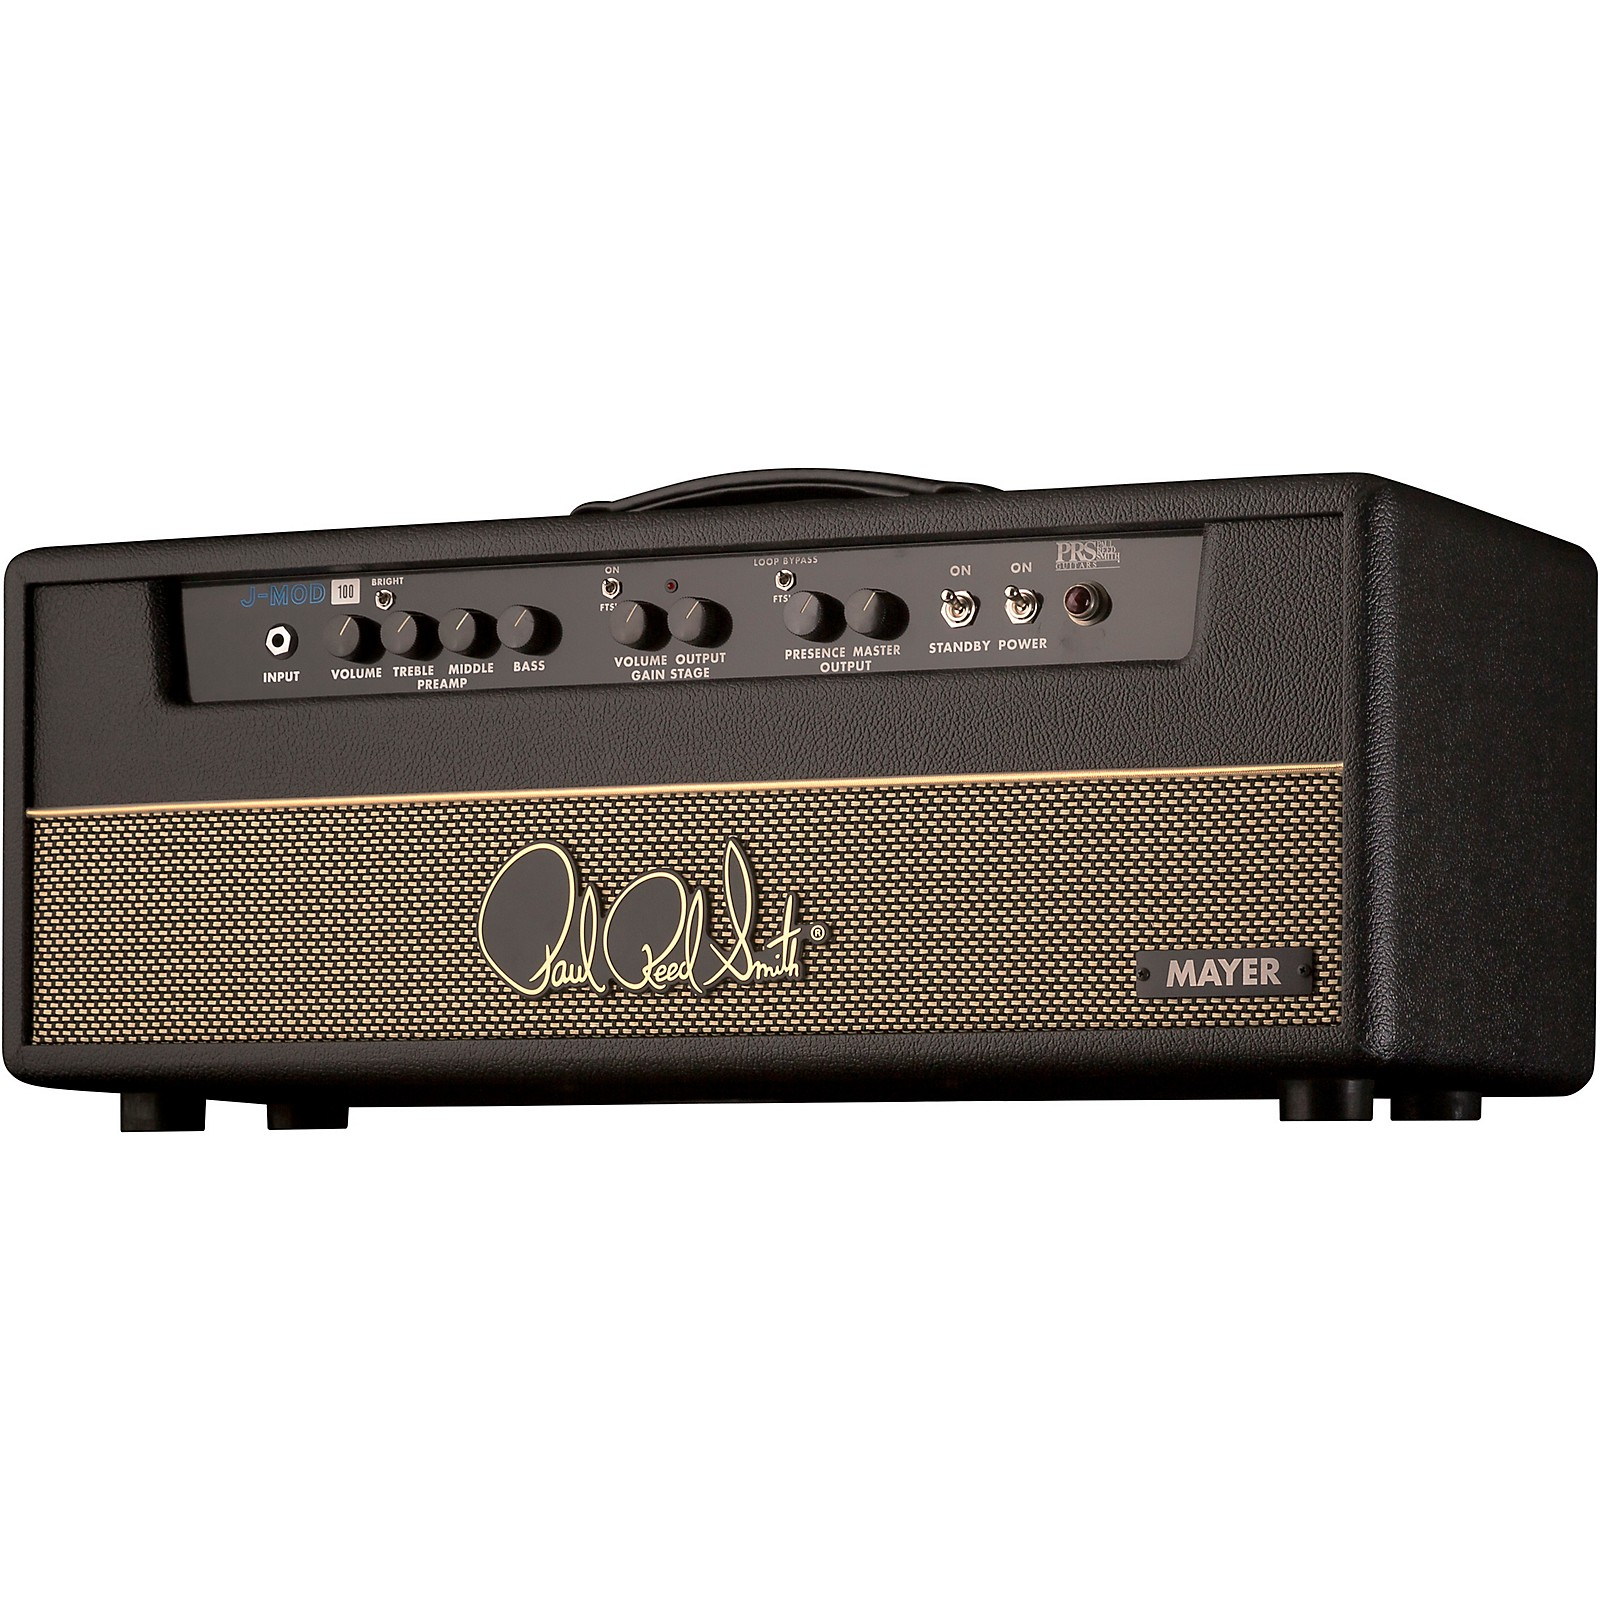 PRS John Mayer J-MOD 100-Watt Head in Stealth Tube Amplifier